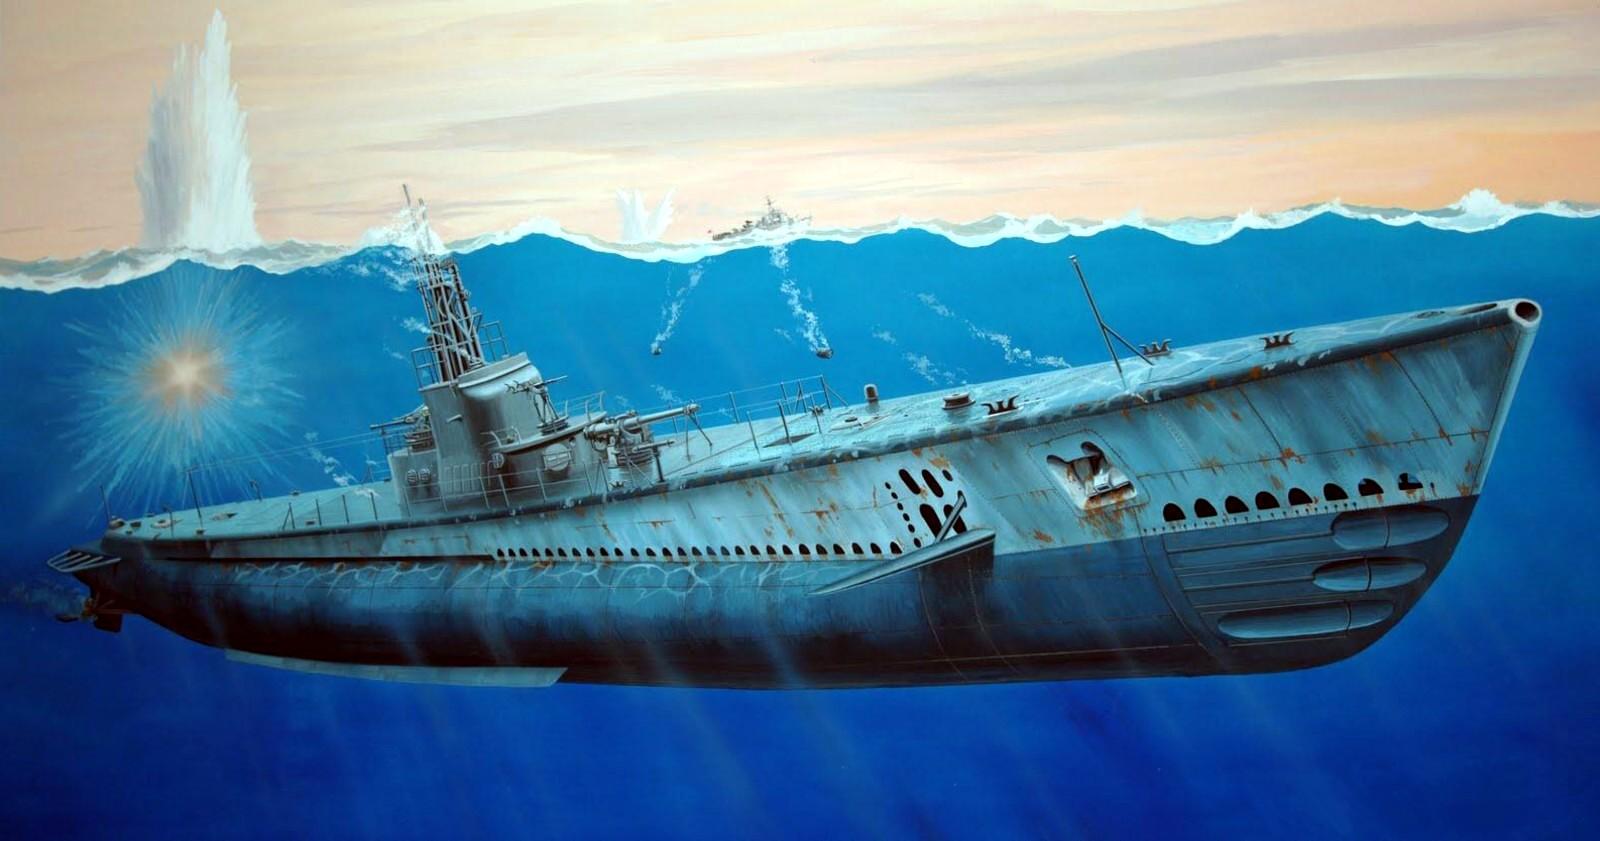 submarine Wallpaper Background 31695 1600x841